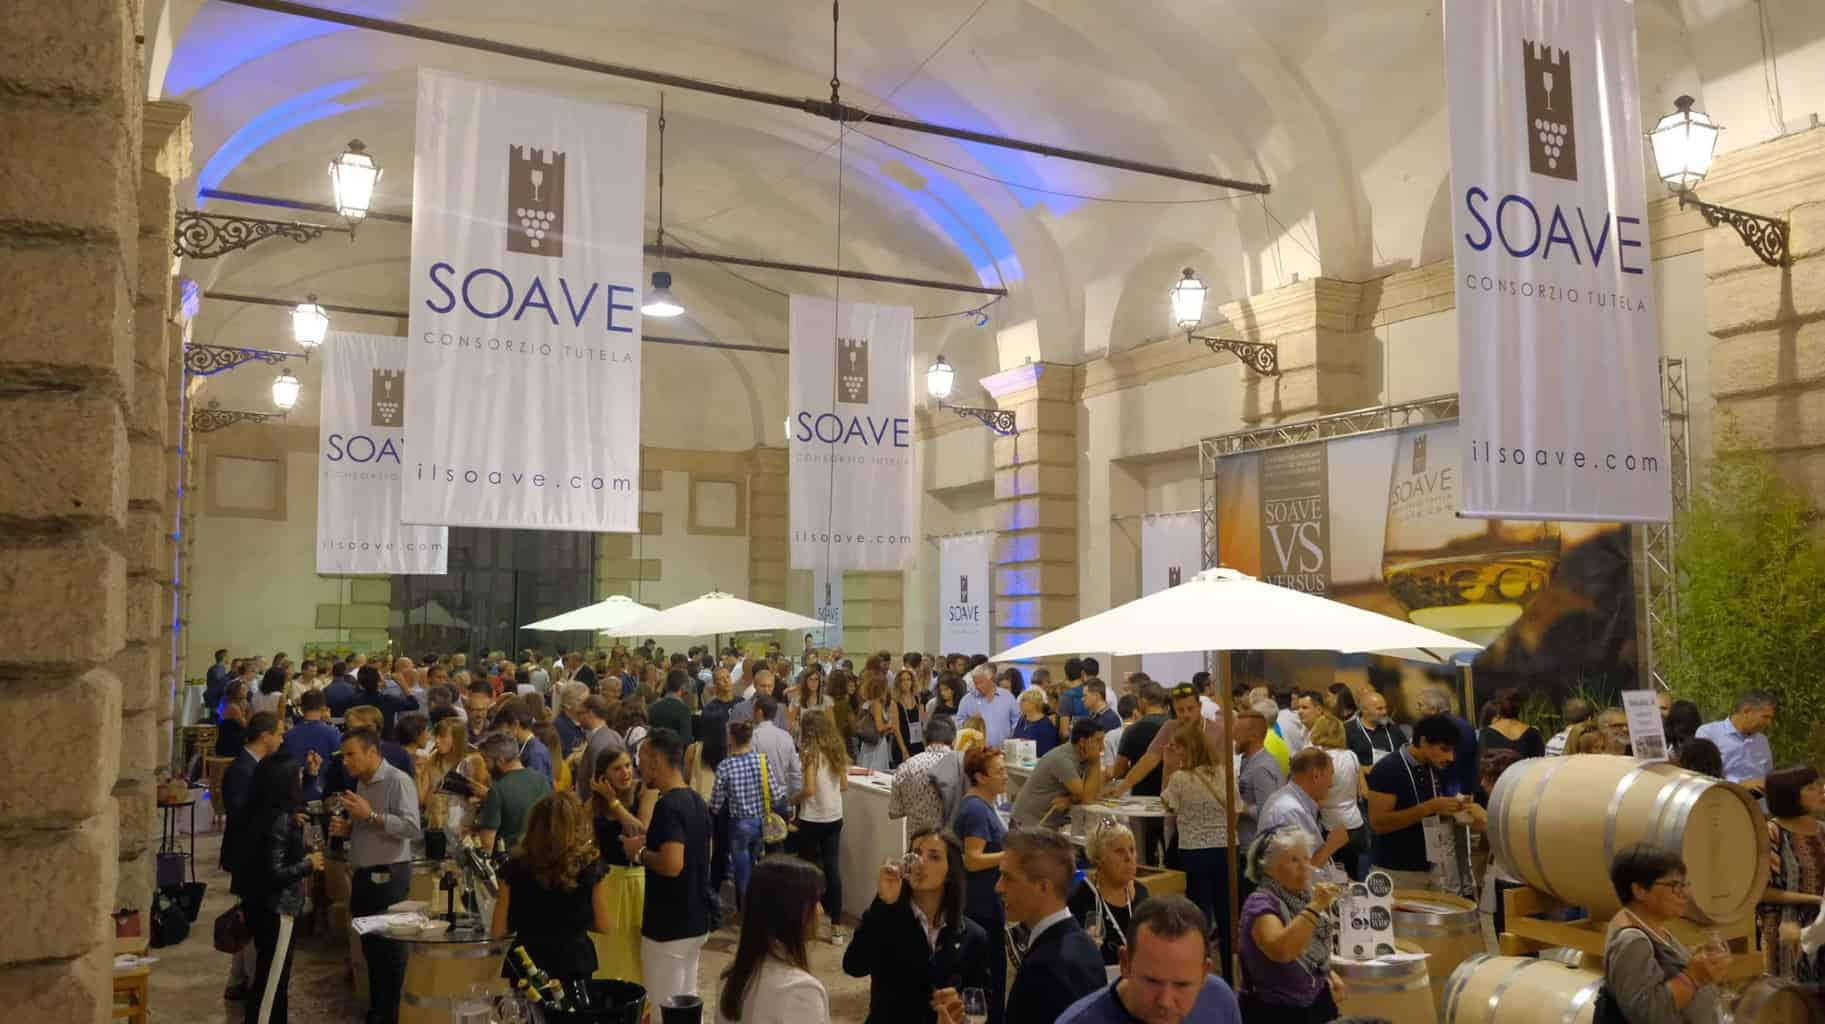 Soave Versus il festivale del vino a Verona